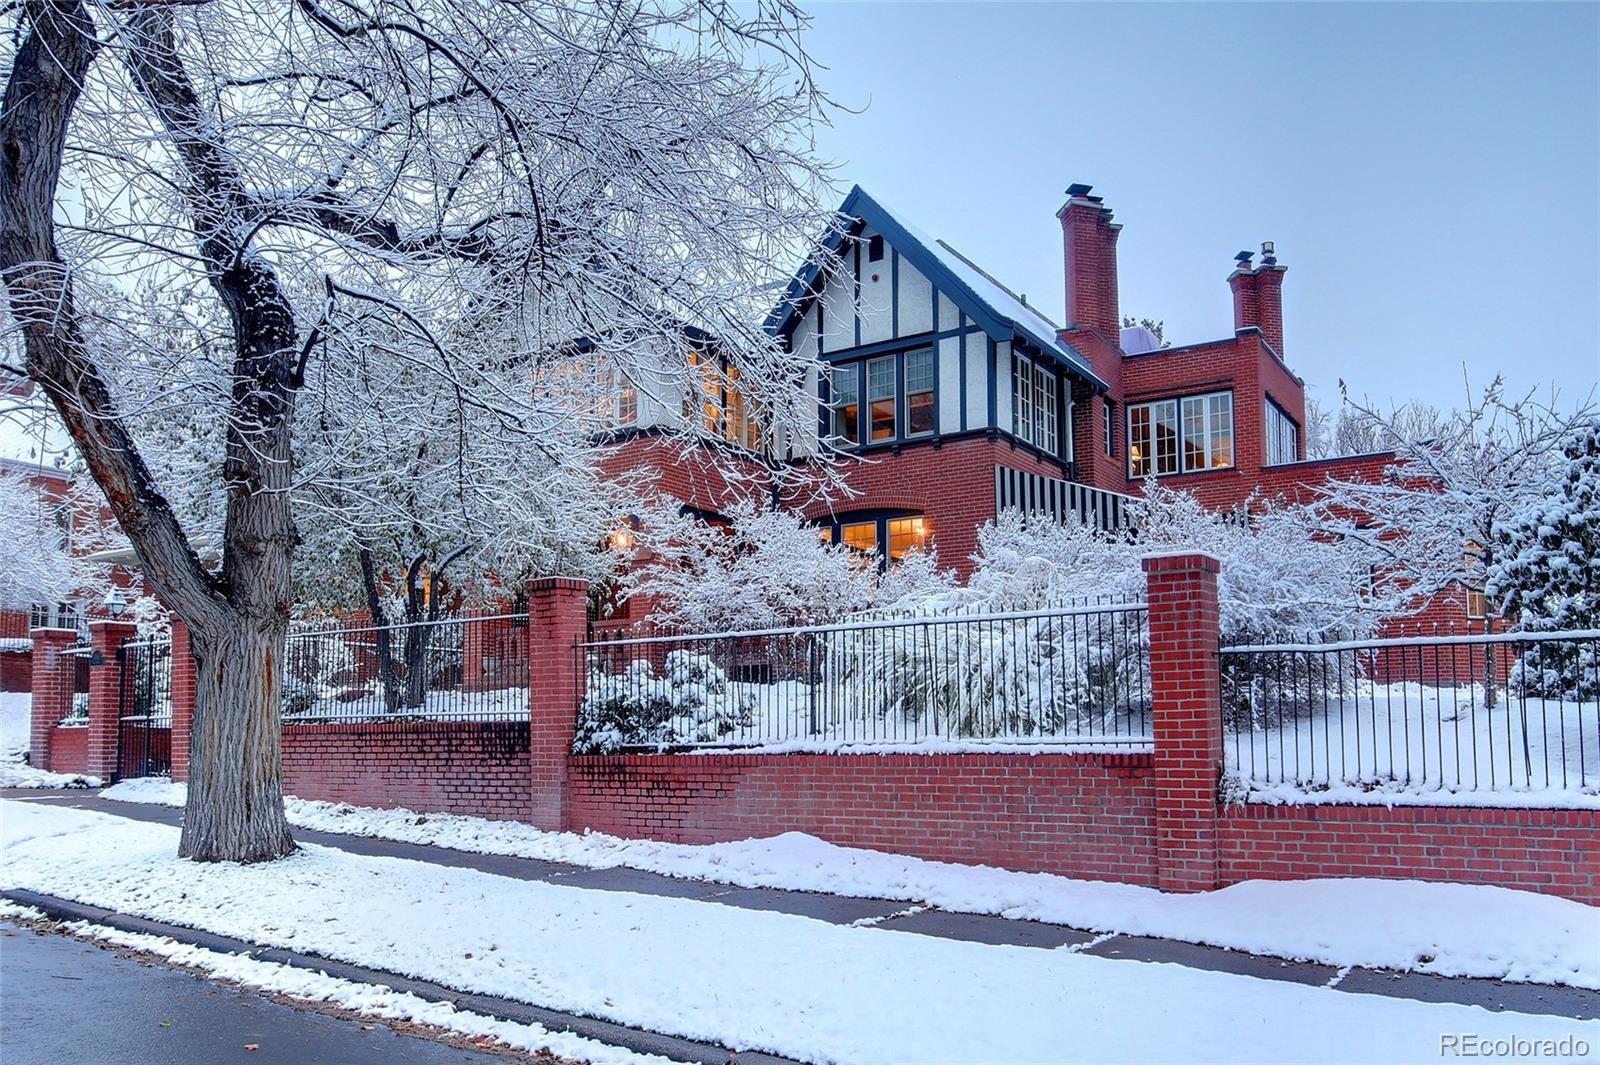 Photo of 818 Vine Street, Denver, CO 80206 (MLS # 4316913)